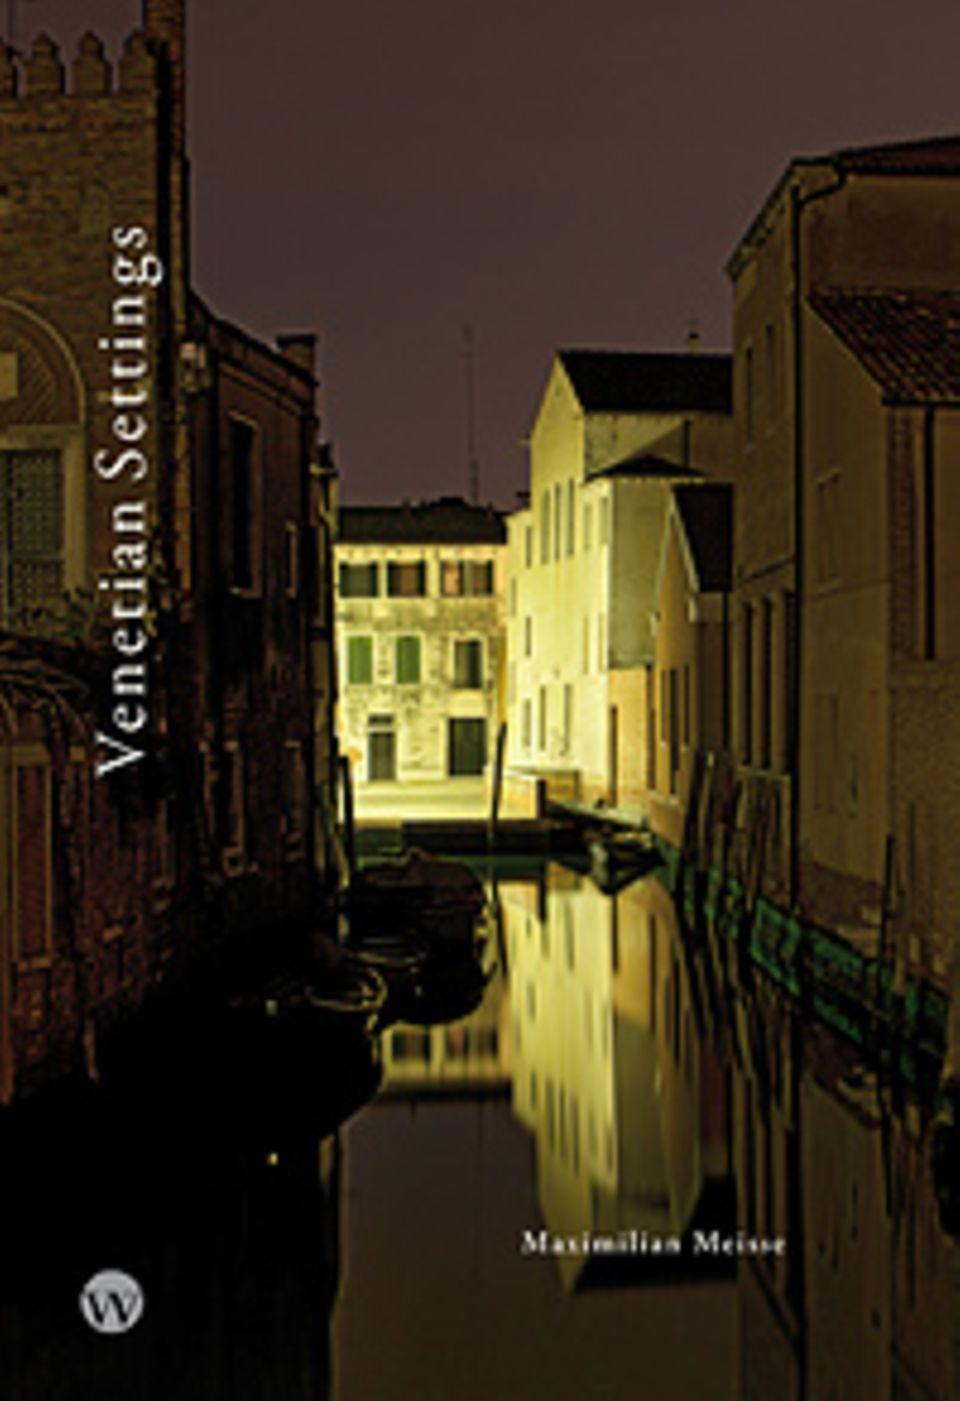 Fotogalerie: Venetian Settings, 96 Seiten, 60 Bilder in Farbe, erschienen bei Wasmuth Verlag